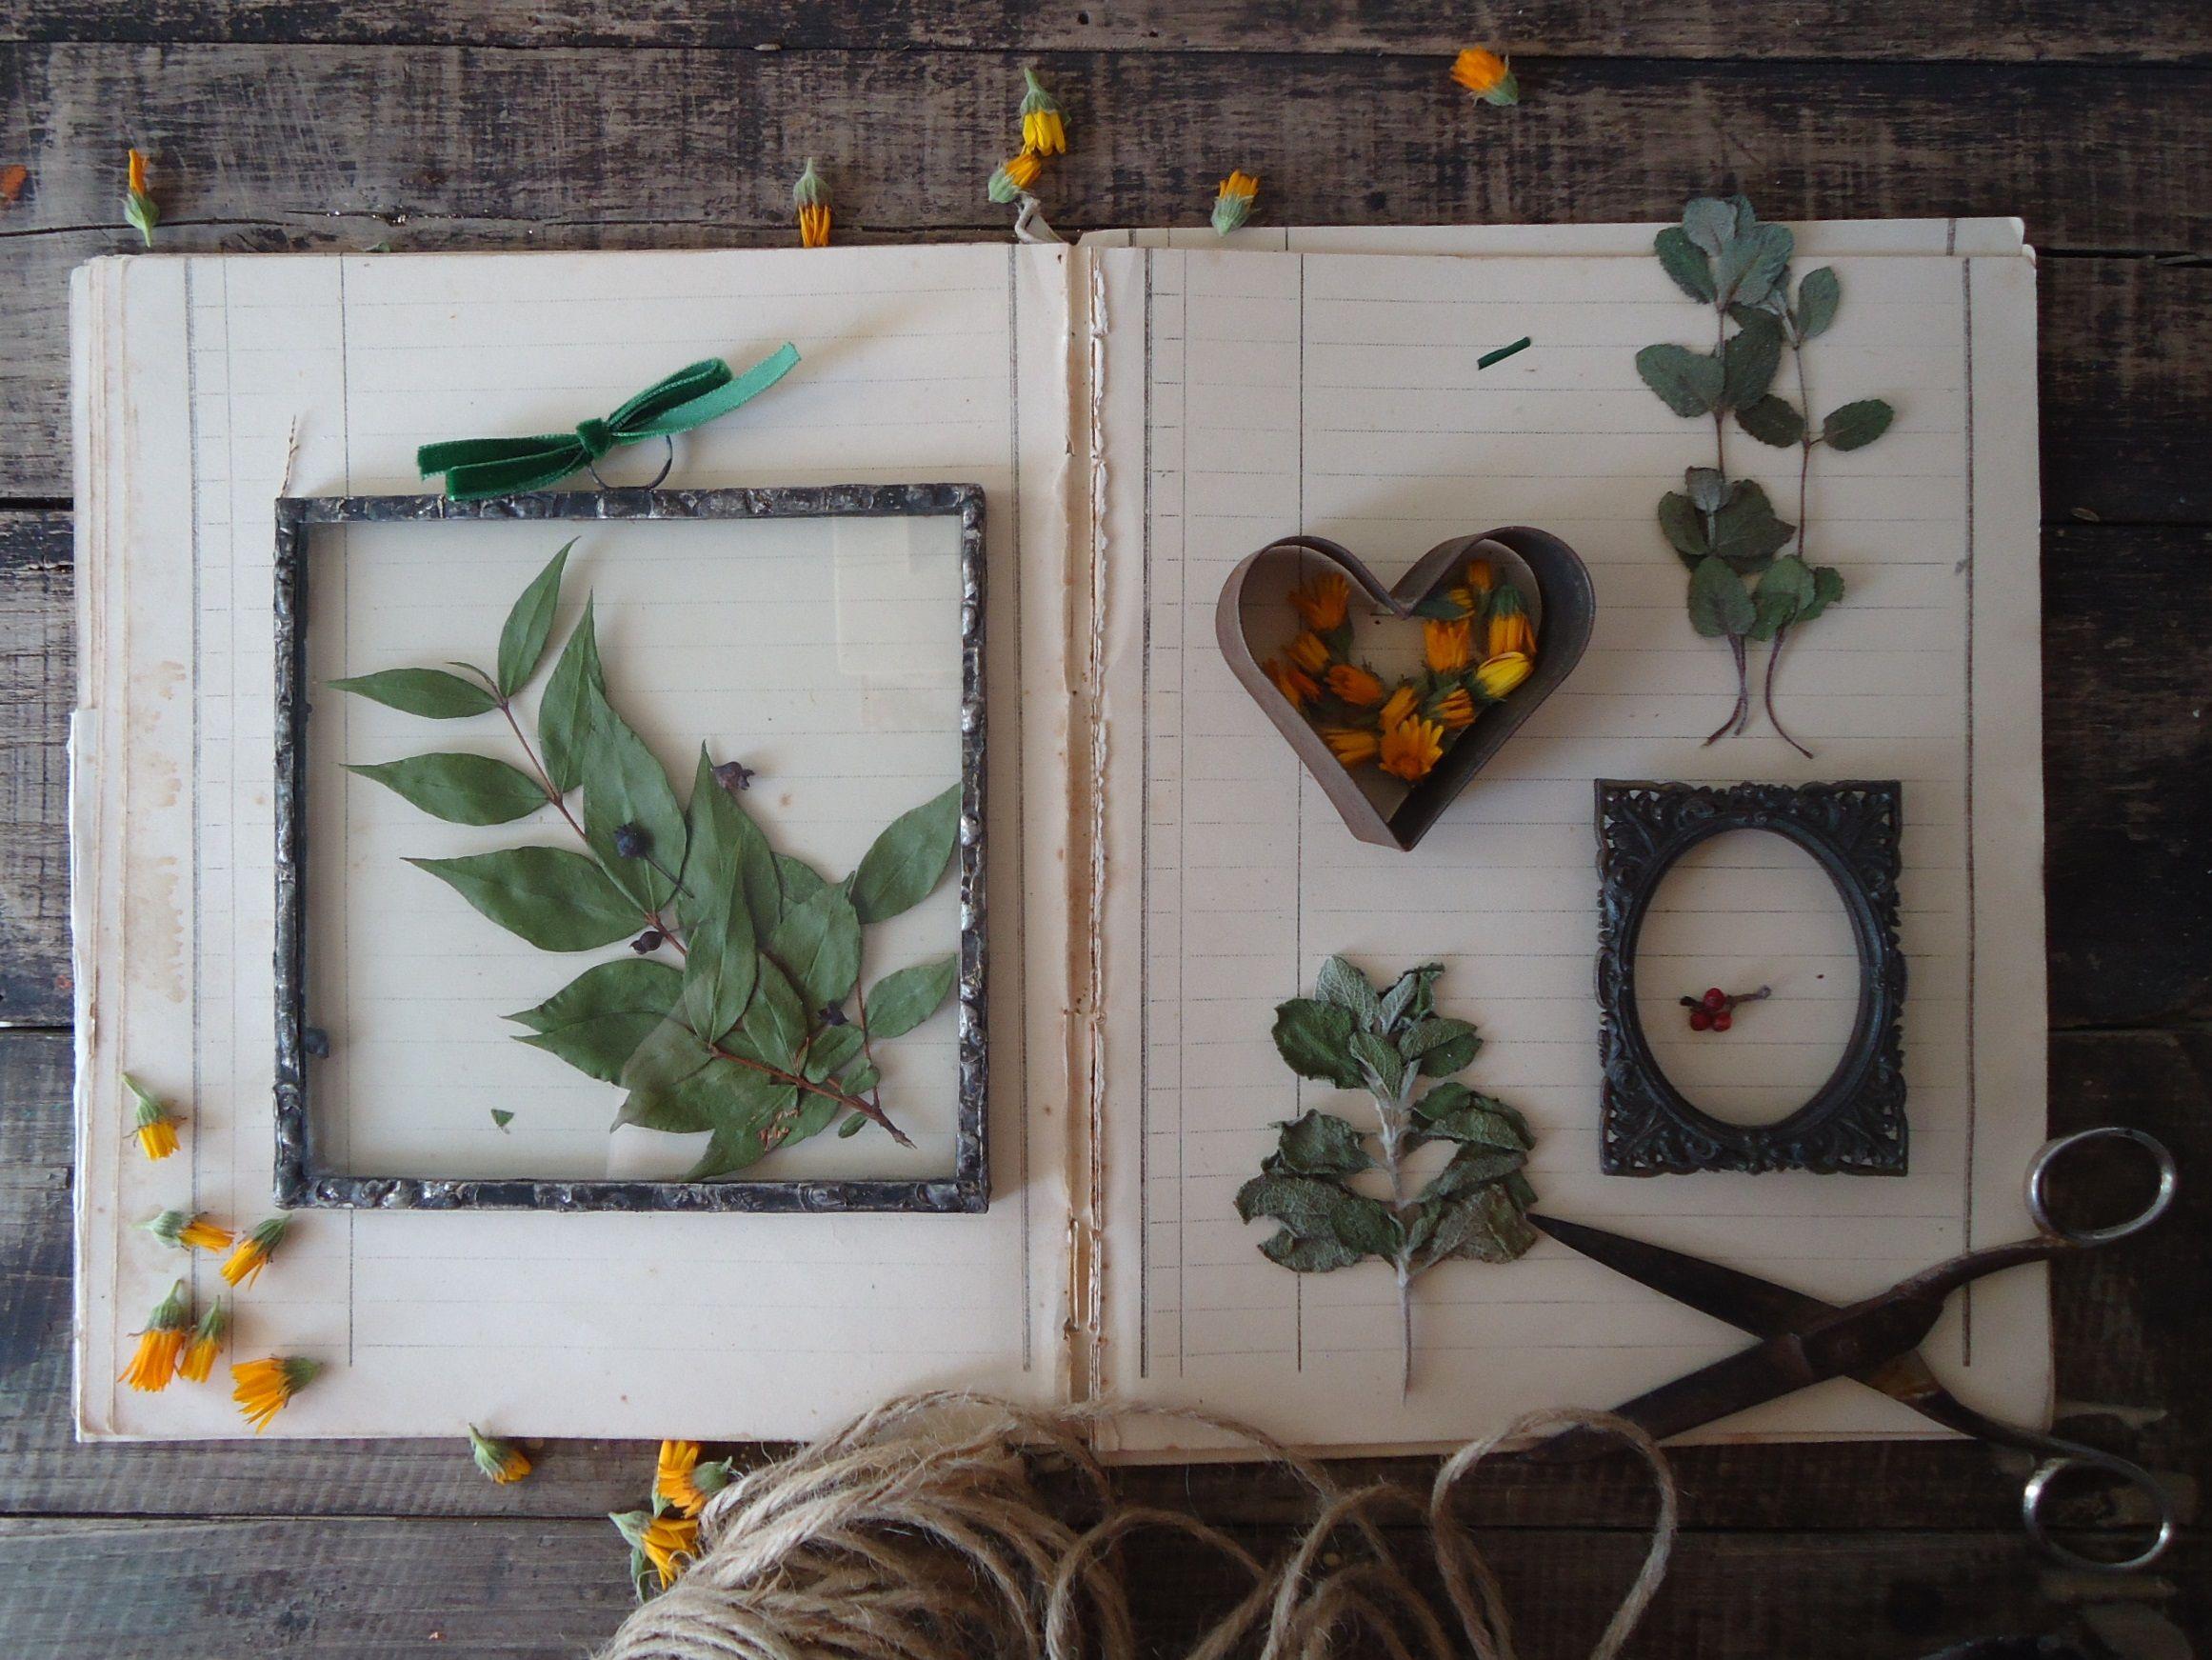 Quadro Vero Mirto Essiccato Erbario Sottovetro Festa Della Mamma Regalo Casa Nuova Quadro Botanica Piante Off New Home Gifts Small Pictures Herbarium